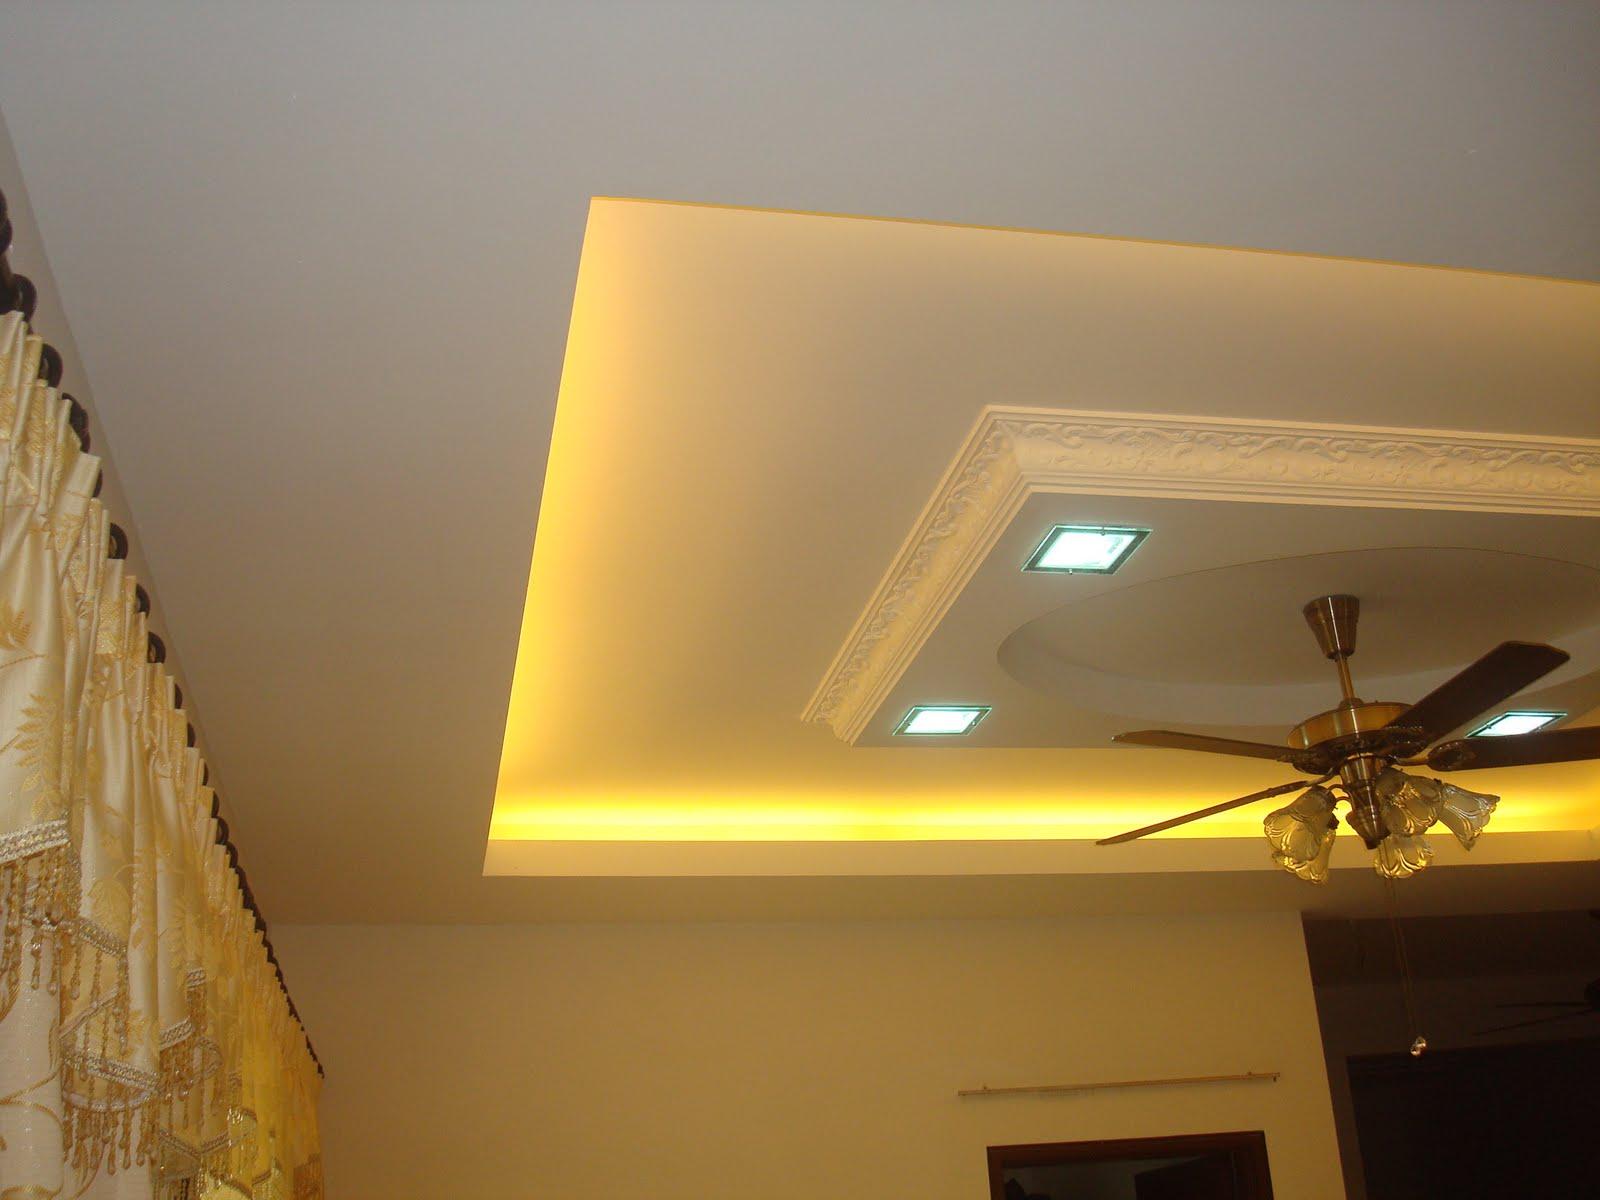 Plaster Ceiling Design : Hana design construction plaster ceiling